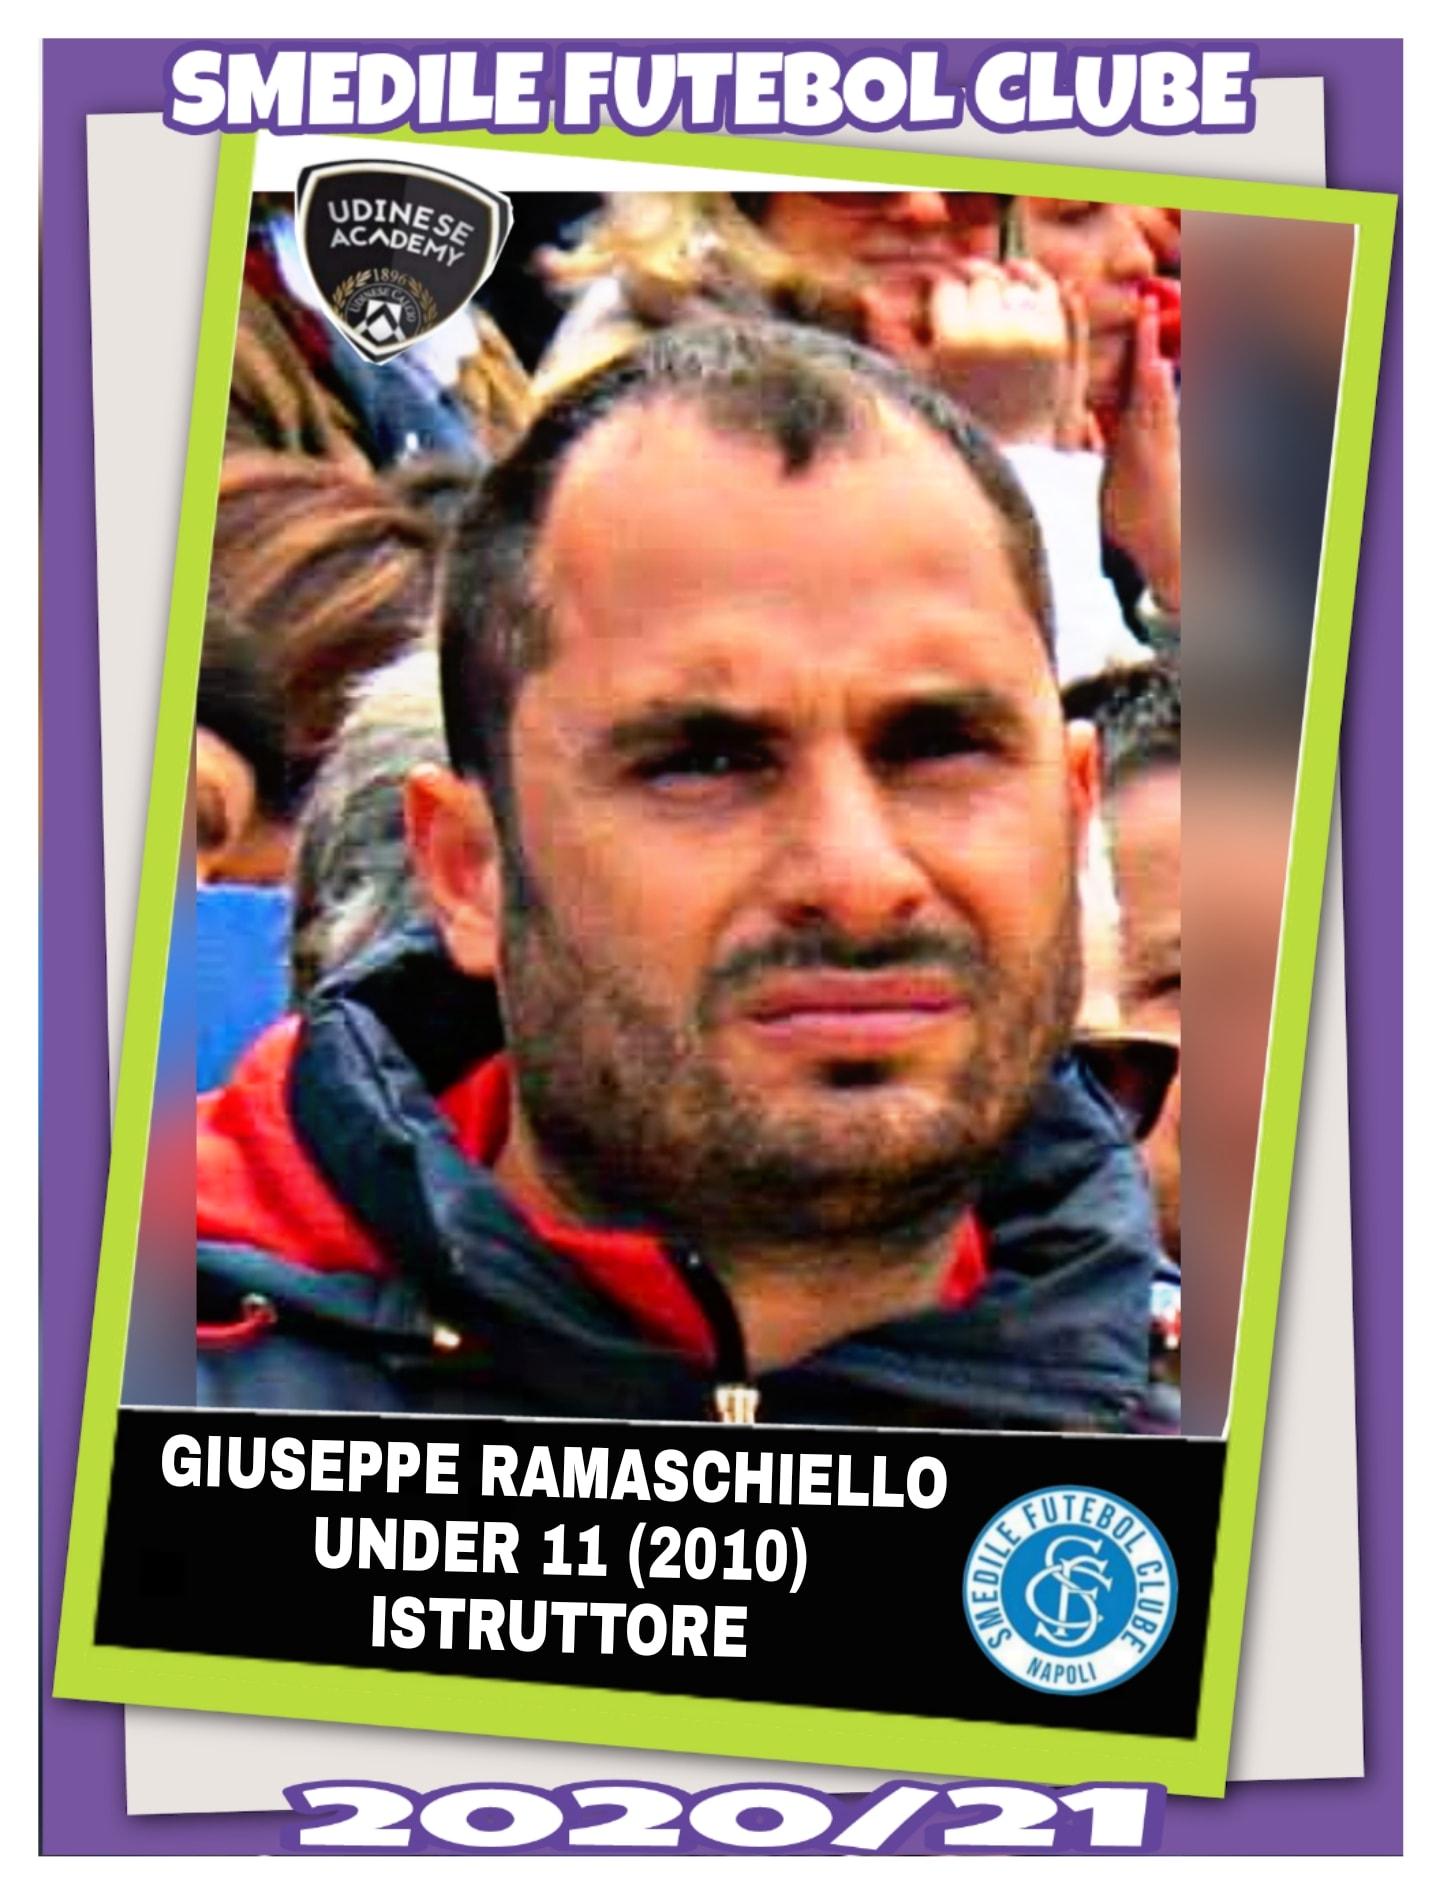 Giuseppe Ramaschiello